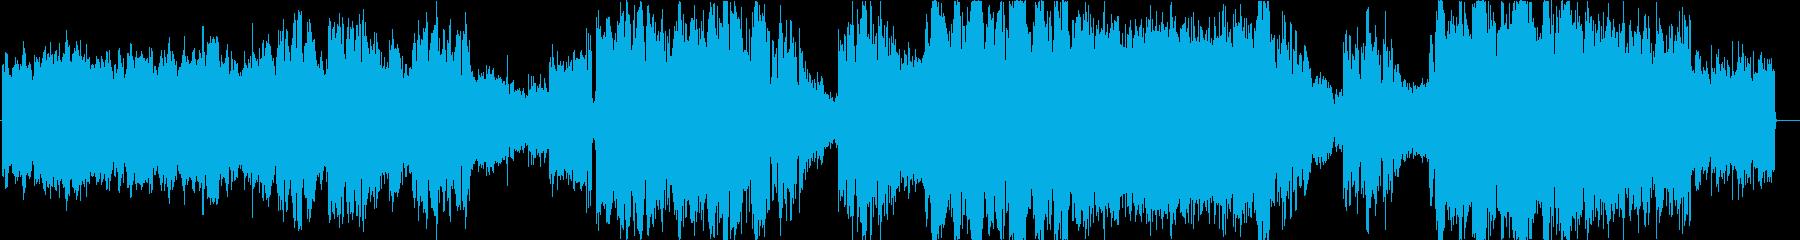 壮大で疾走感あるエレクトロロックバラードの再生済みの波形